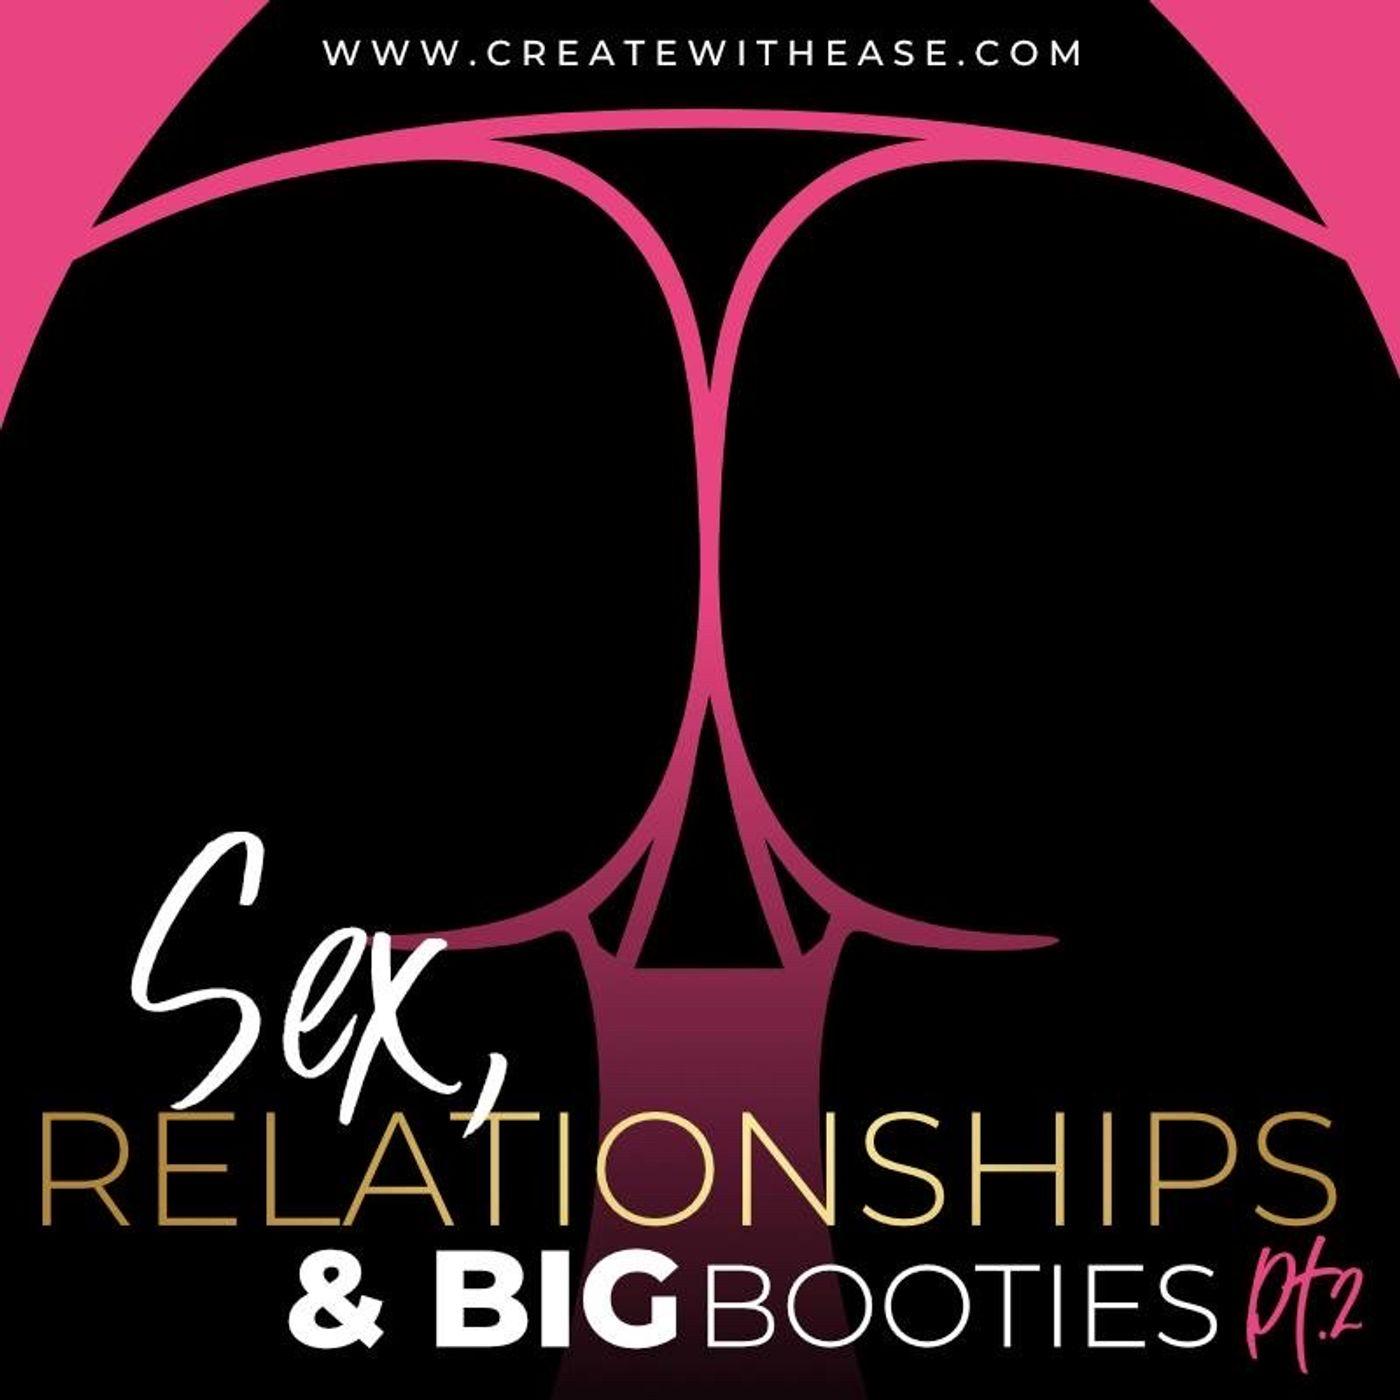 Episode 24 - Sex, Relationships & Big Booties PT. 2